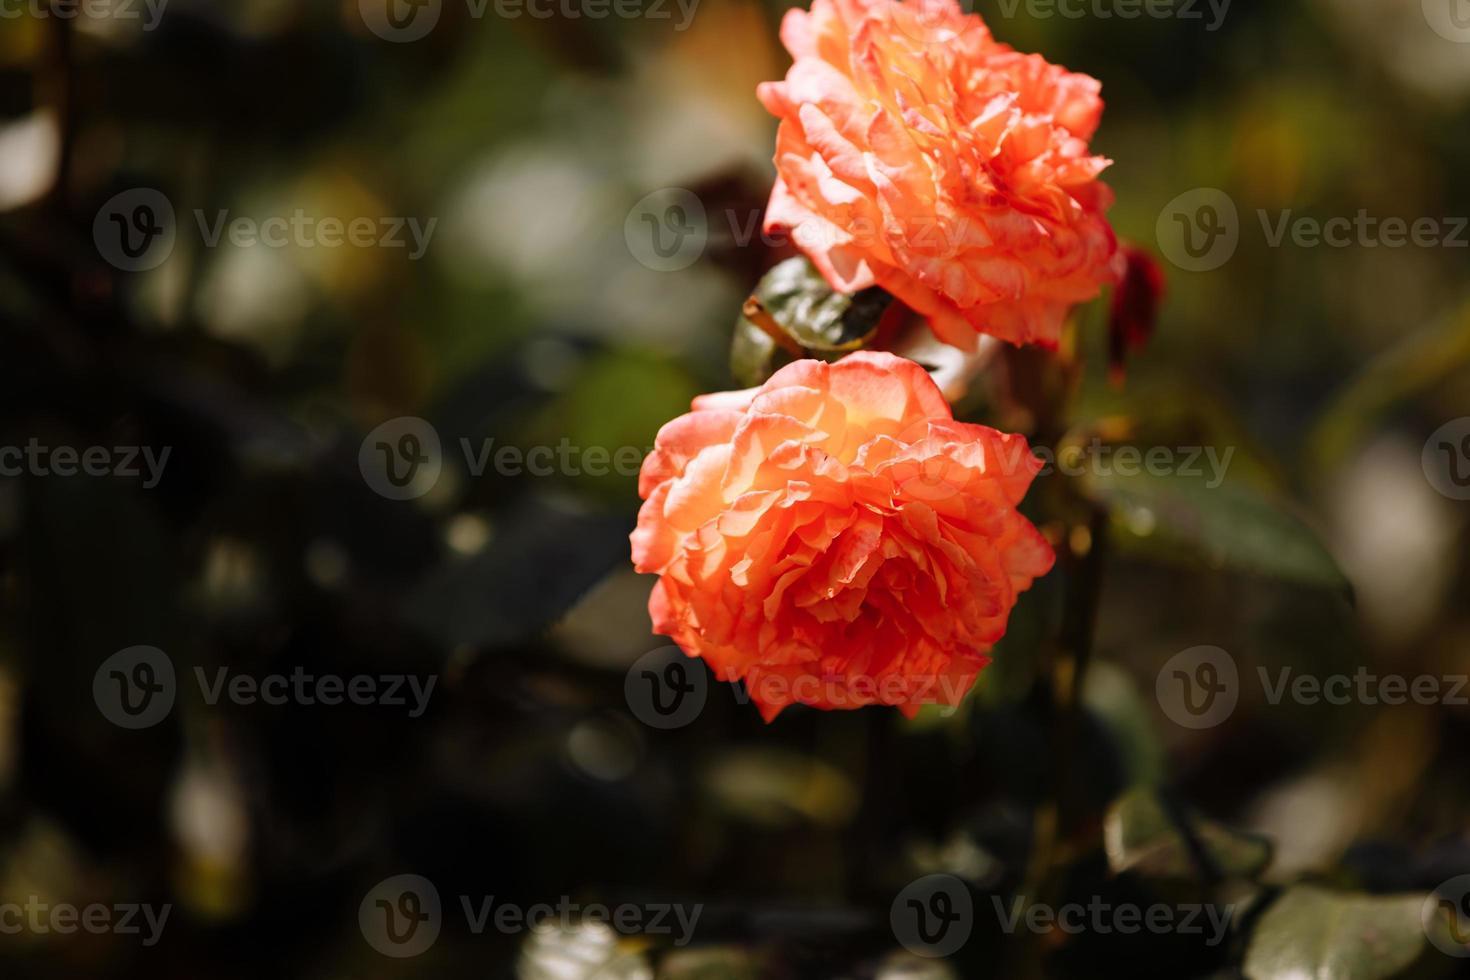 un increíble melocotón delicado se levantó de cerca en el jardín. Disparo macro de una hermosa rosa multicolor de cerca. concepto perfecto de postal. enfoque selectivo foto